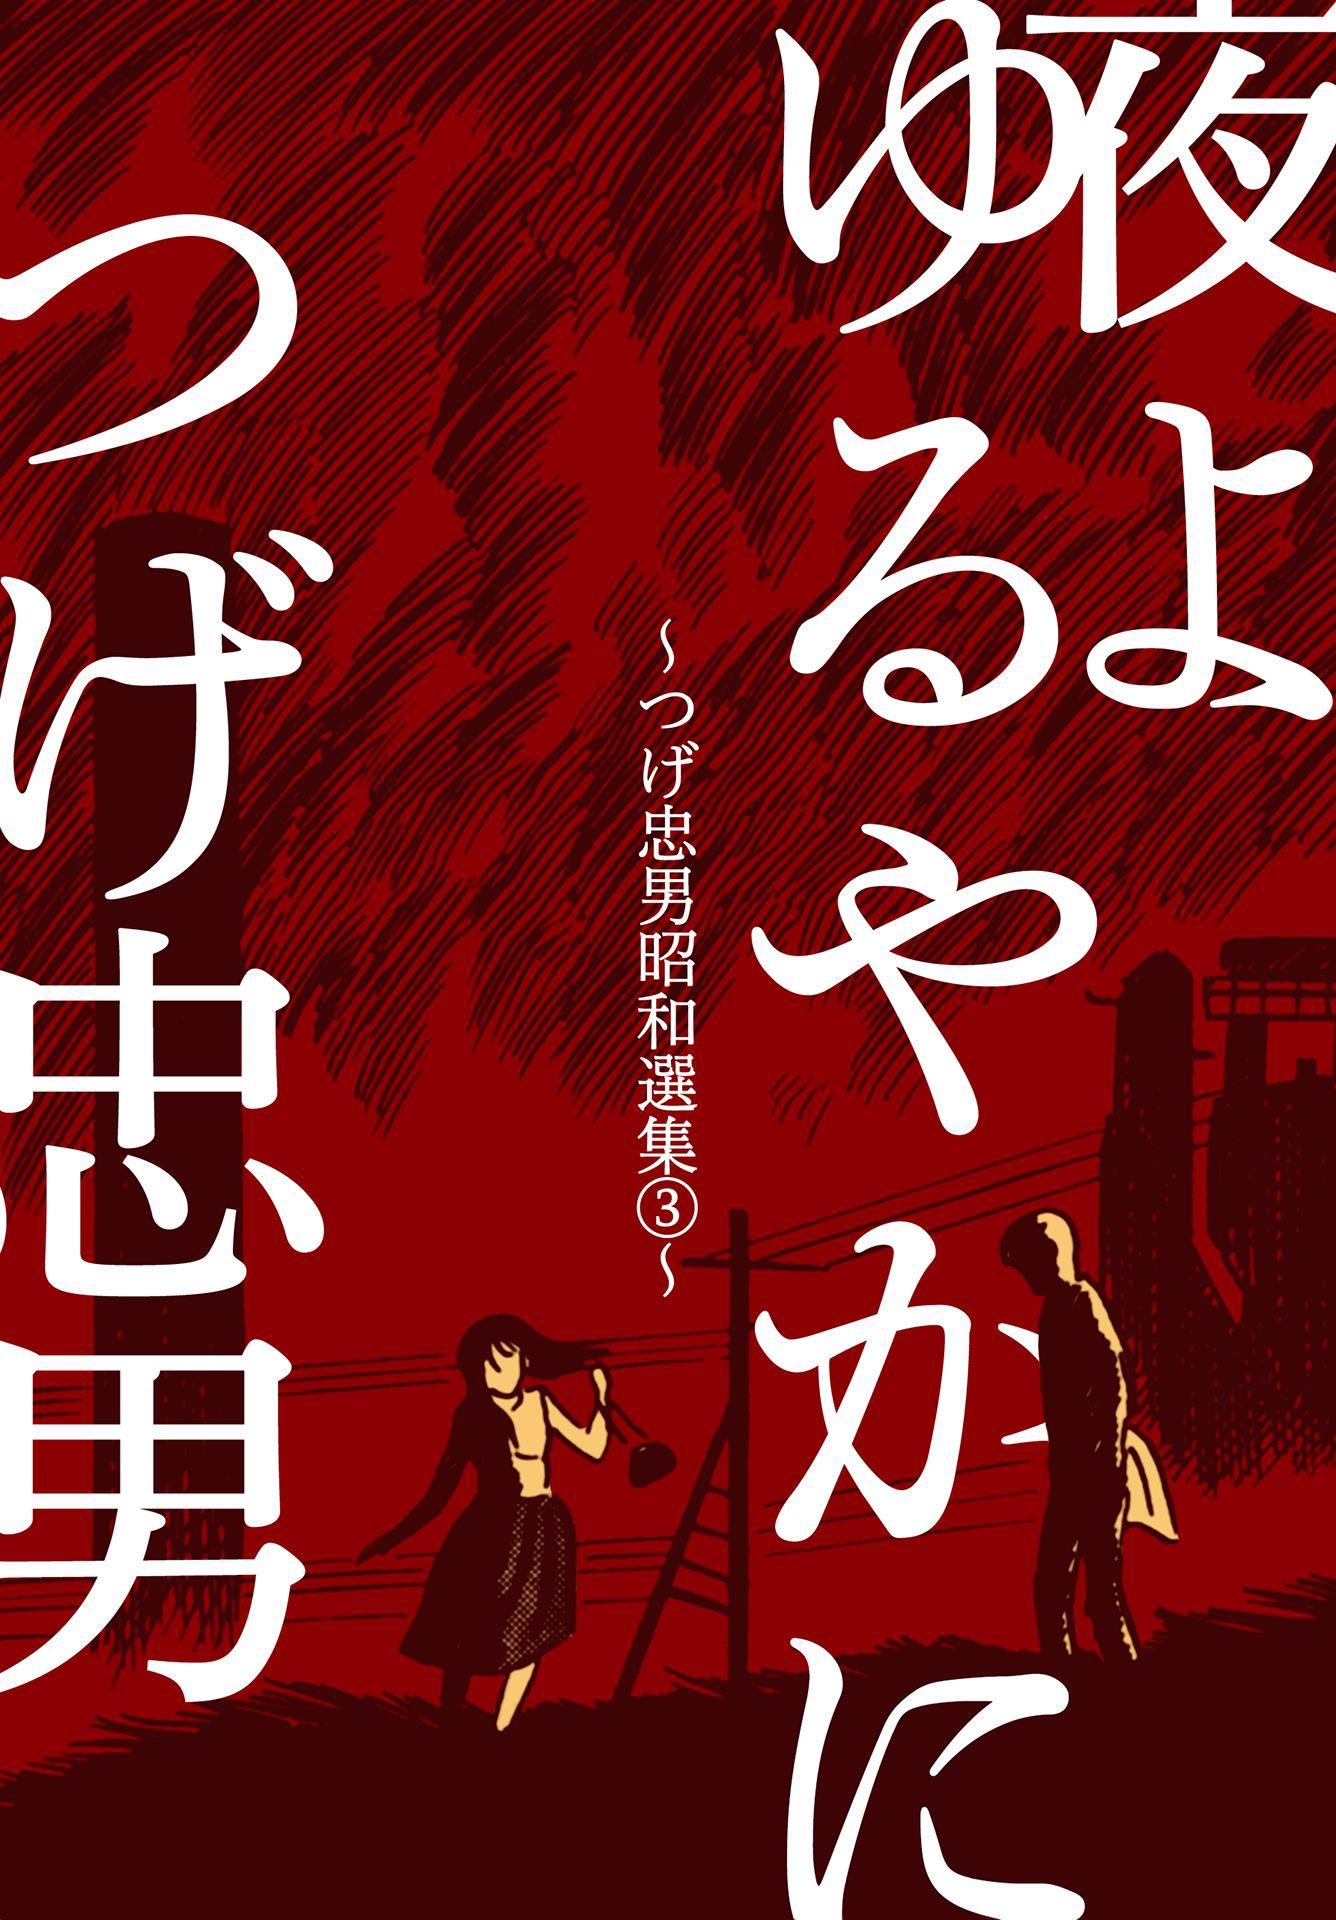 つげ忠男昭和選集(第3巻)